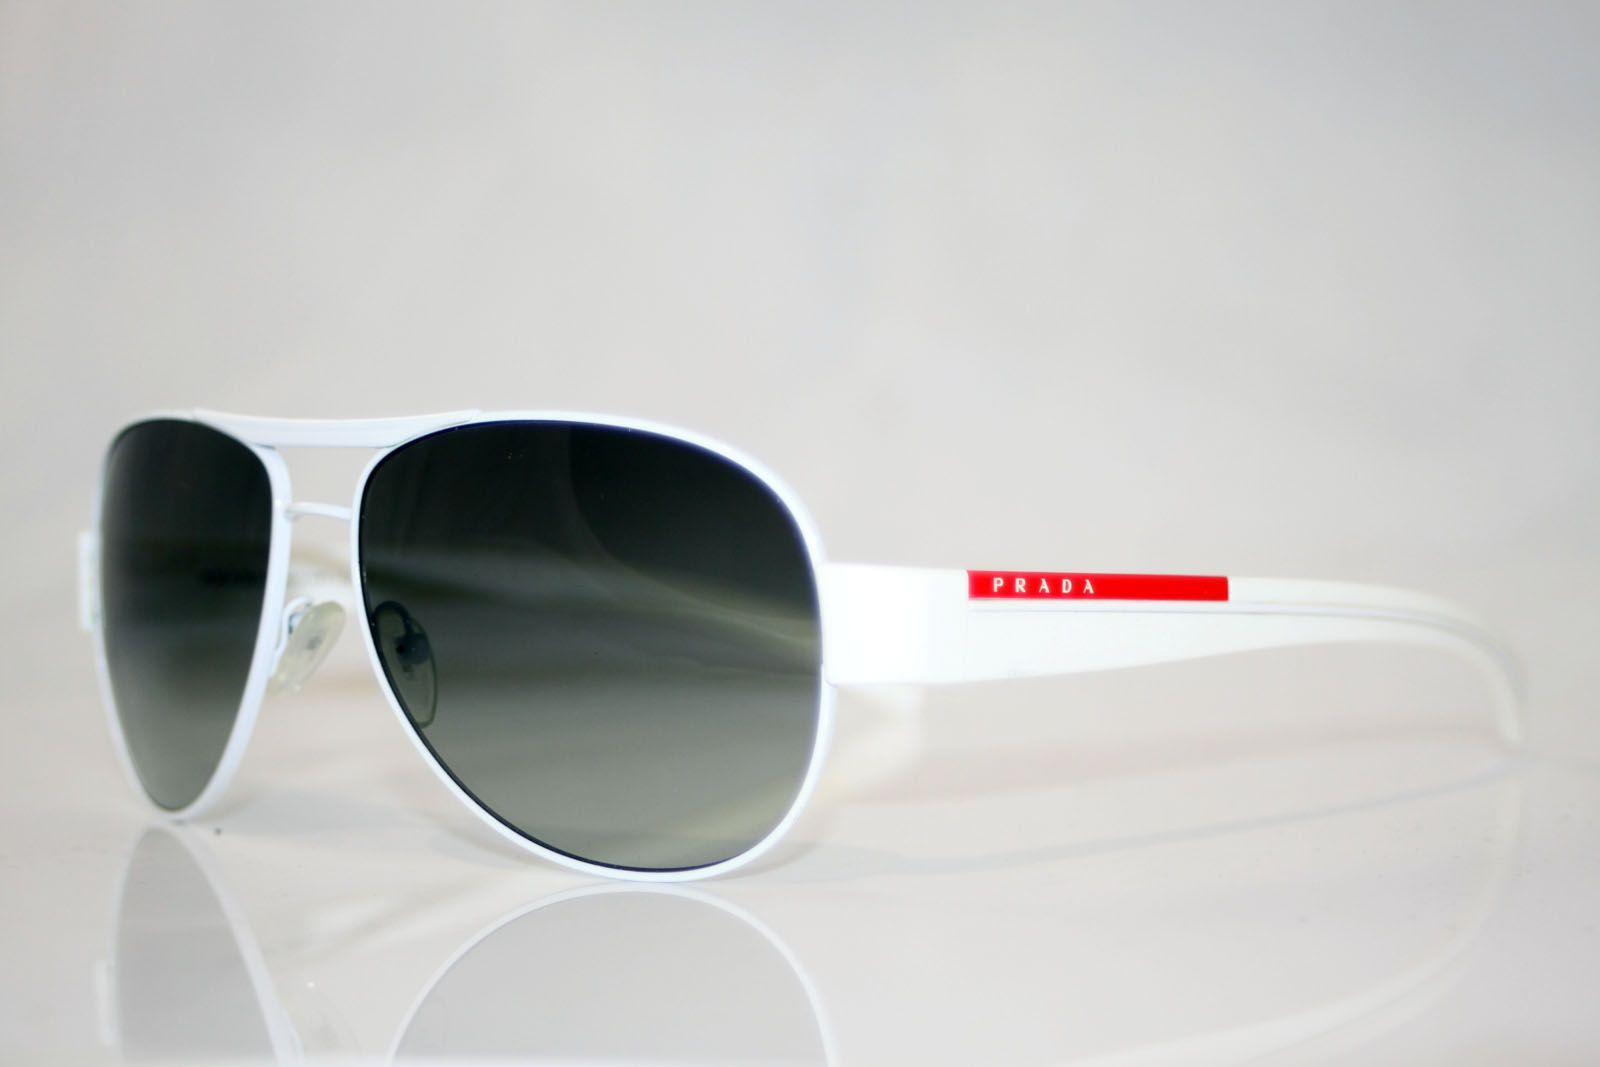 d508eb9312e8 PRADA Mens Designer White Sunglasses Model SPS 51L